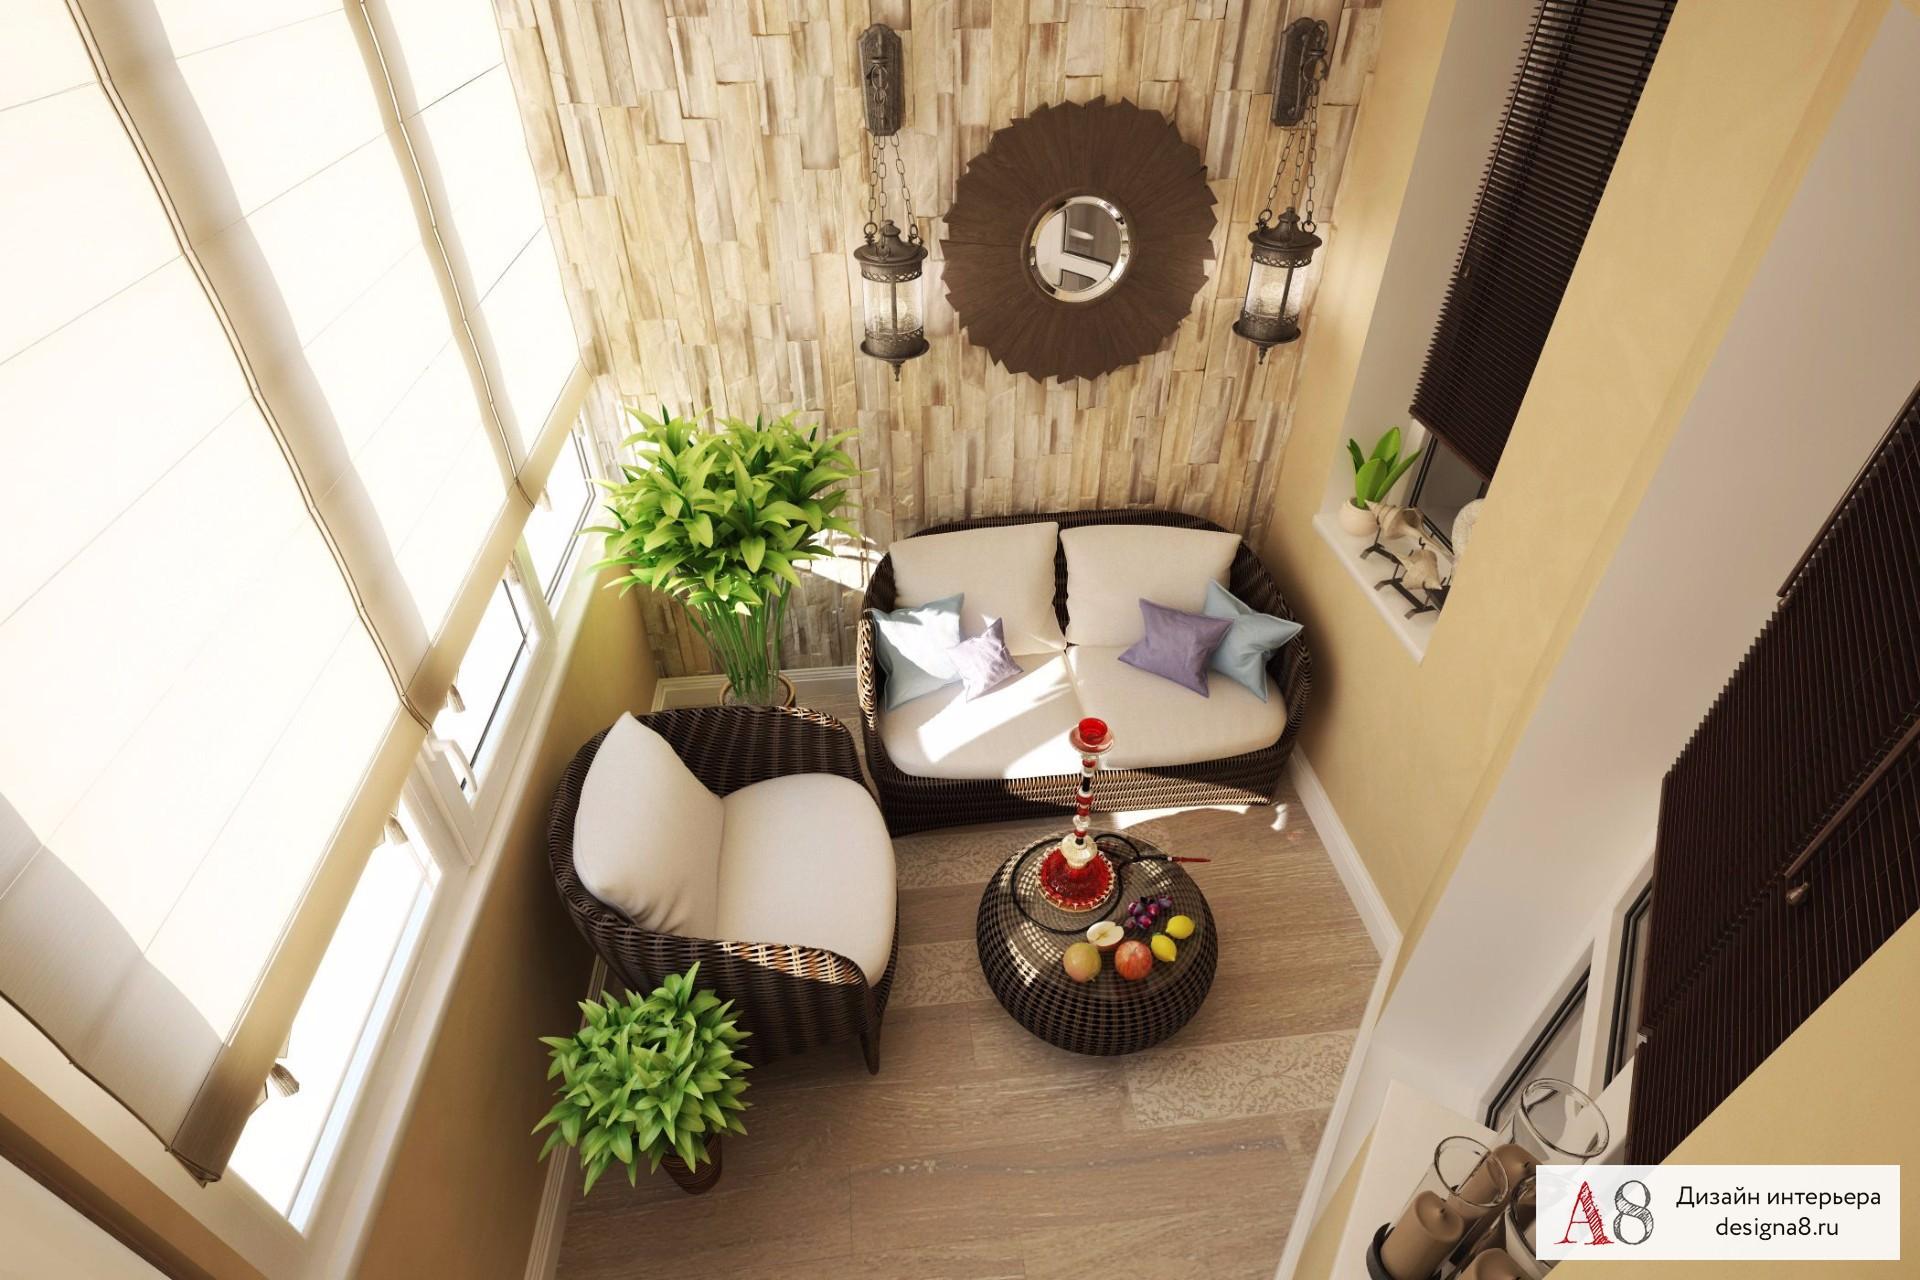 Современный дизайн интерьера (interior design) радиальной кв.